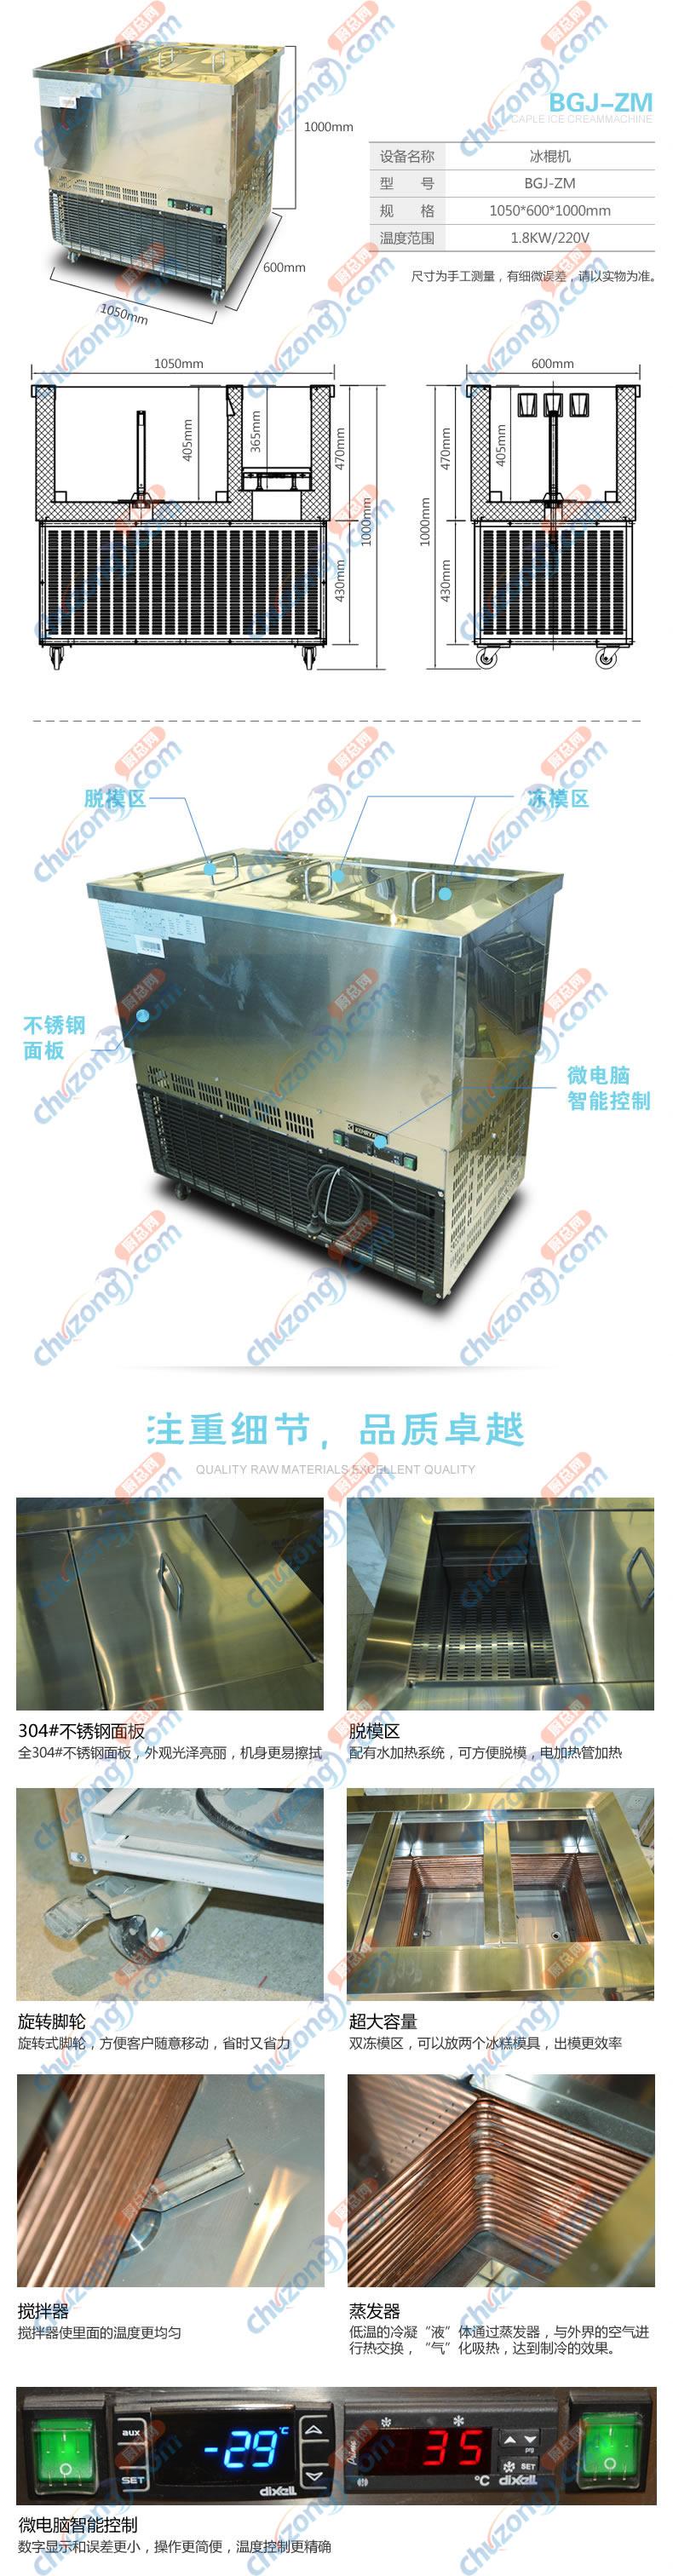 凱力威冰棍機CZ005031詳情圖